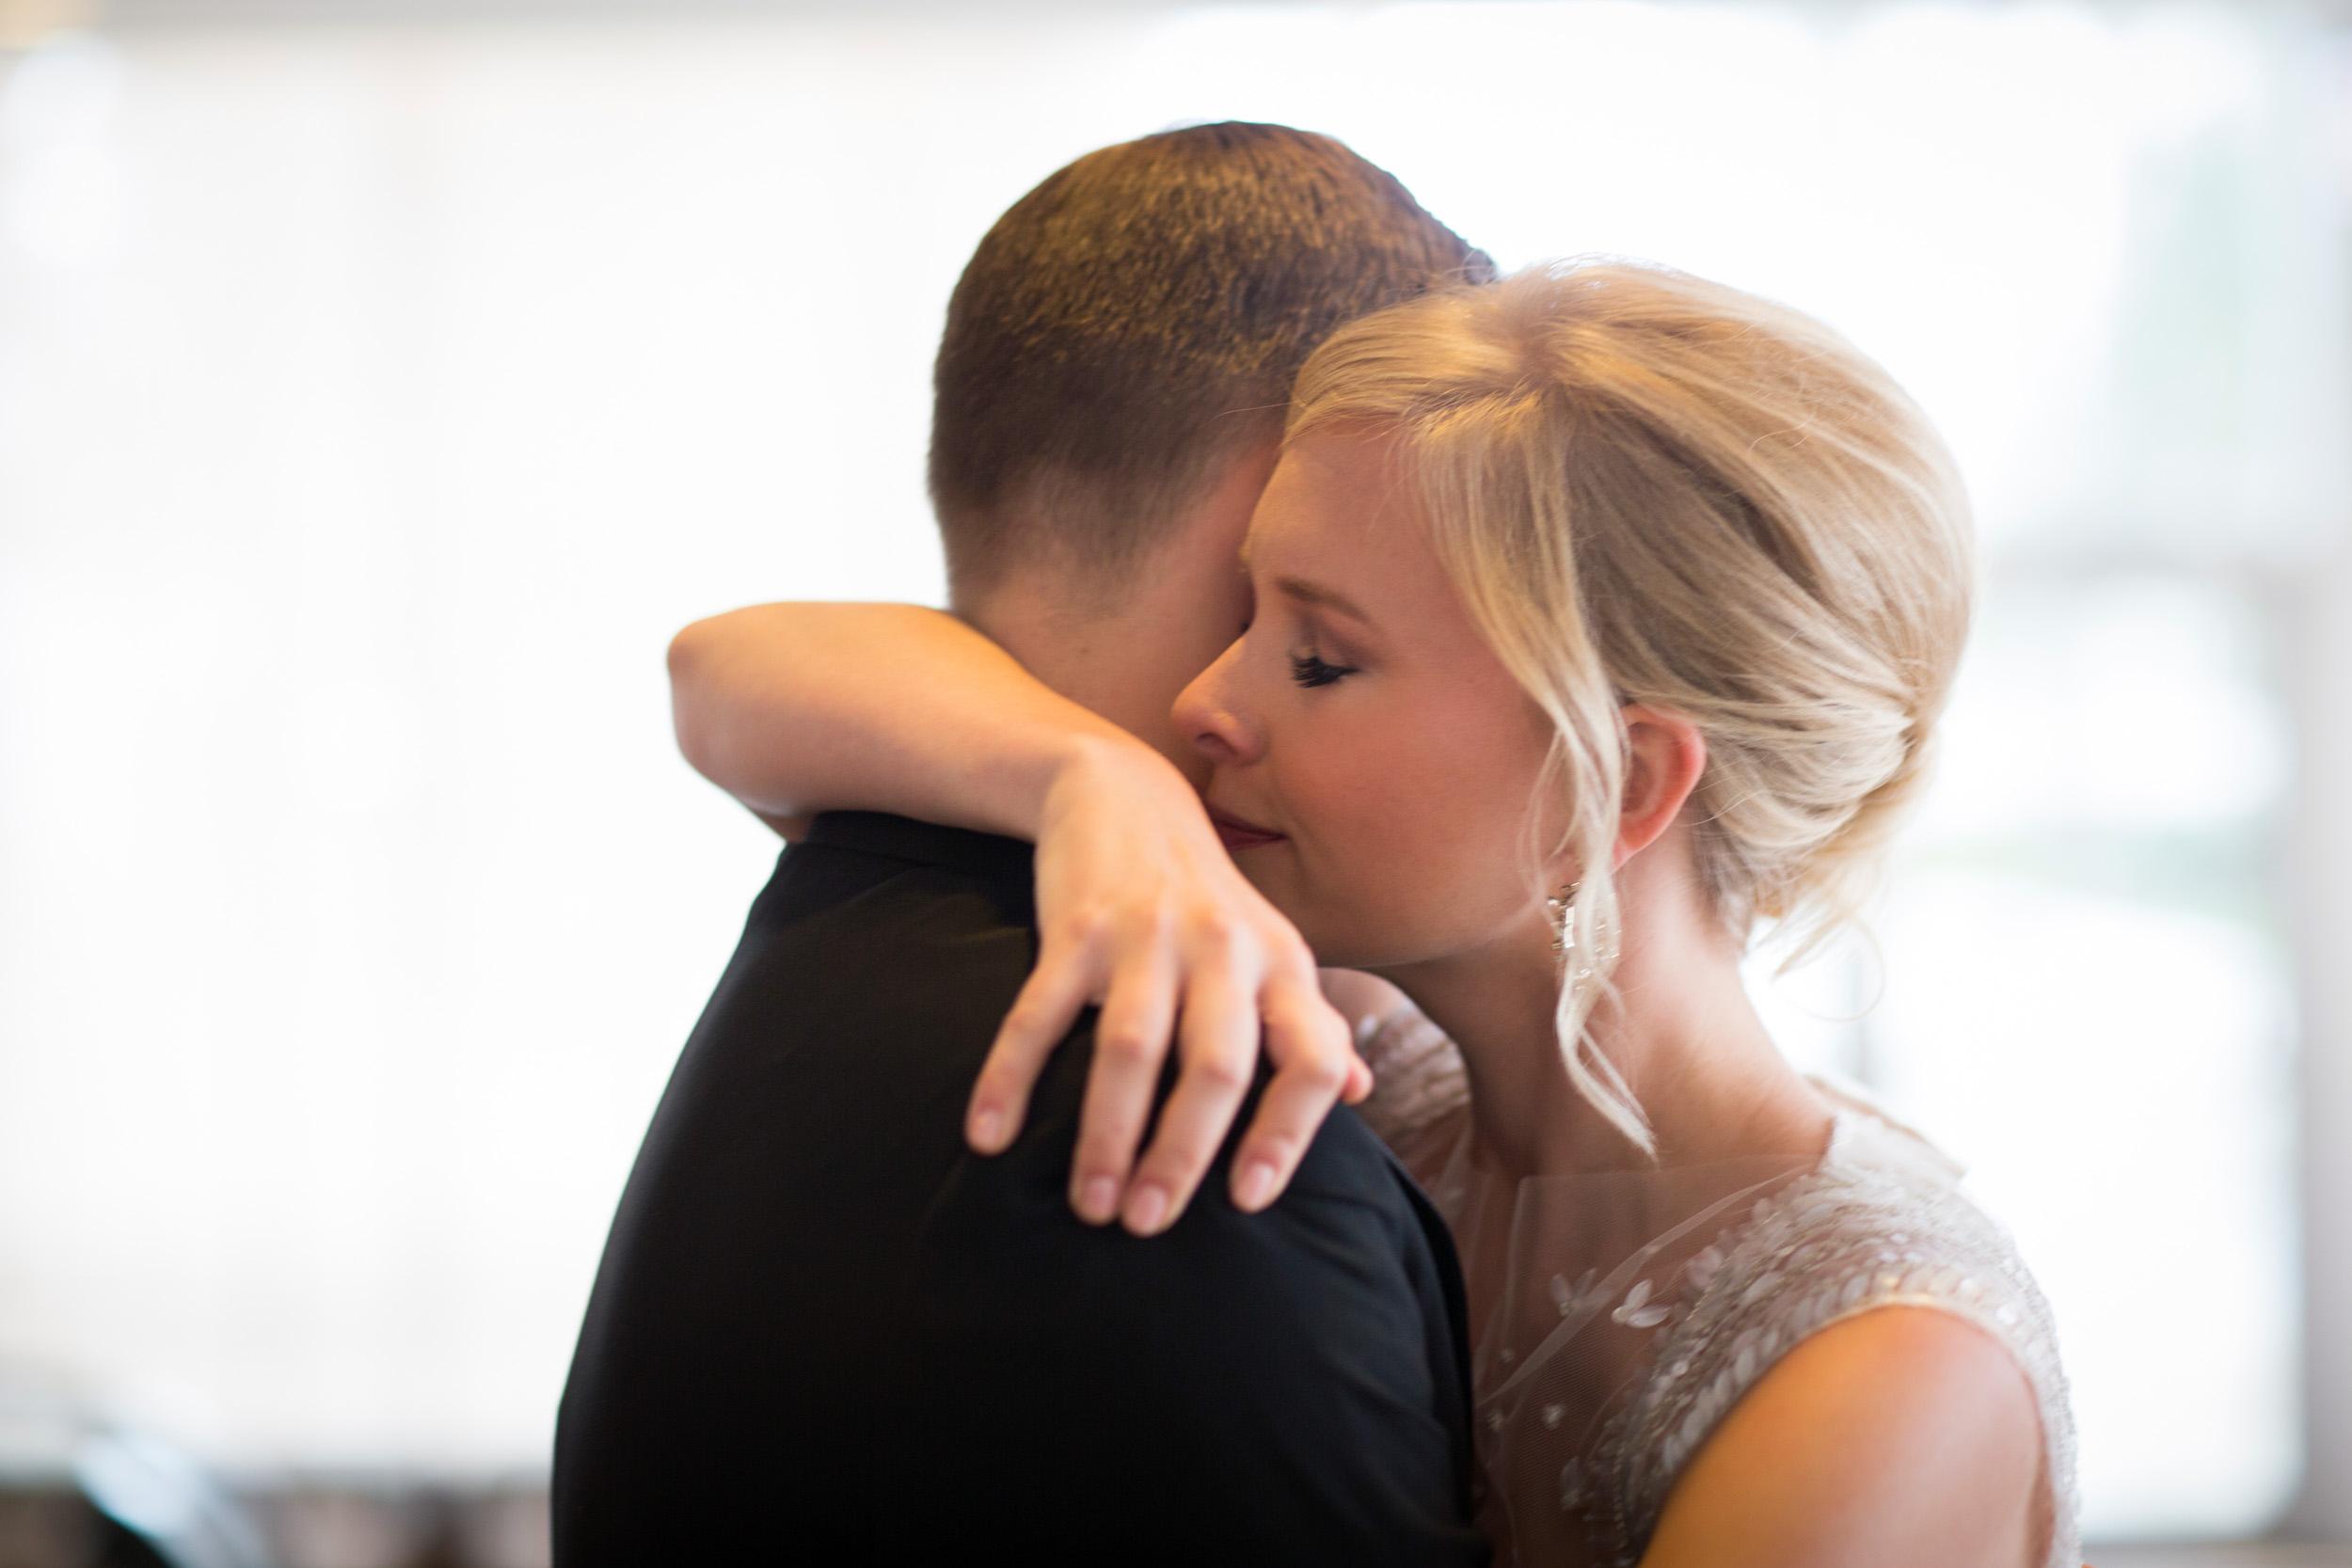 chicago-wedding-photos-studio-this-is-jack-schroeder-1.jpg